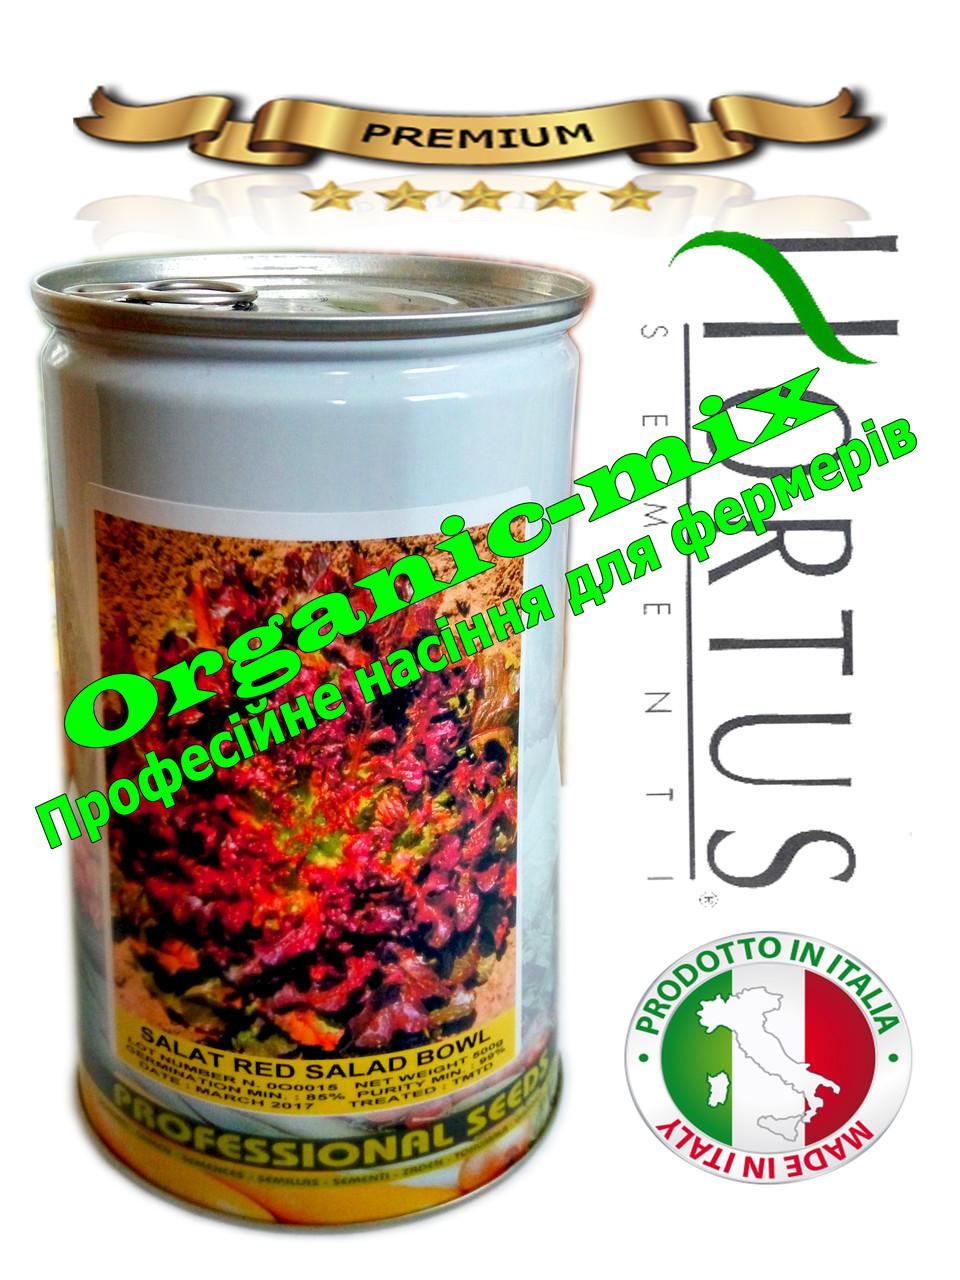 Салат ДУБОВЫЙ ЛИСТ КРАСНЫЙ / RED SALAD BOWL ТМ «Hortus» (Италия), банка 500 грамм